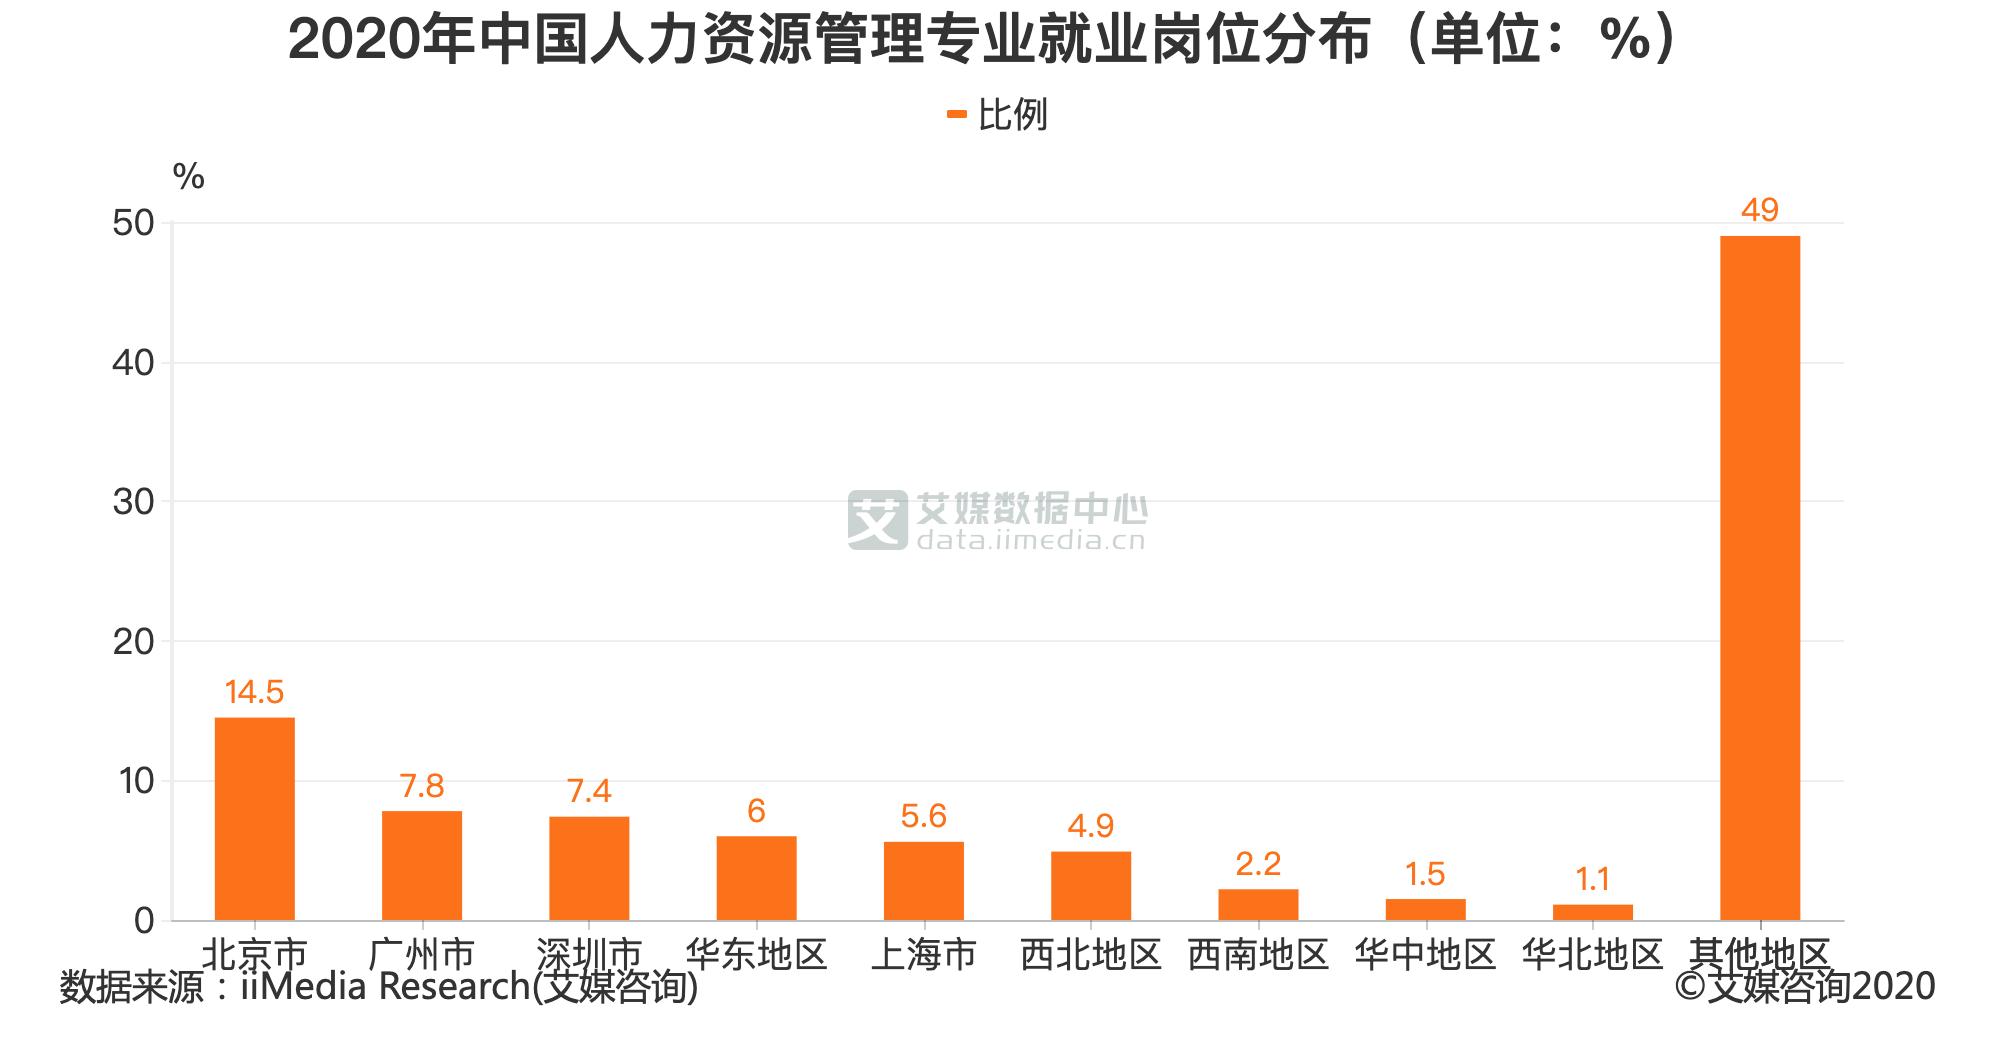 2020年中国人力资源管理专业就业地区分布(单位:%)